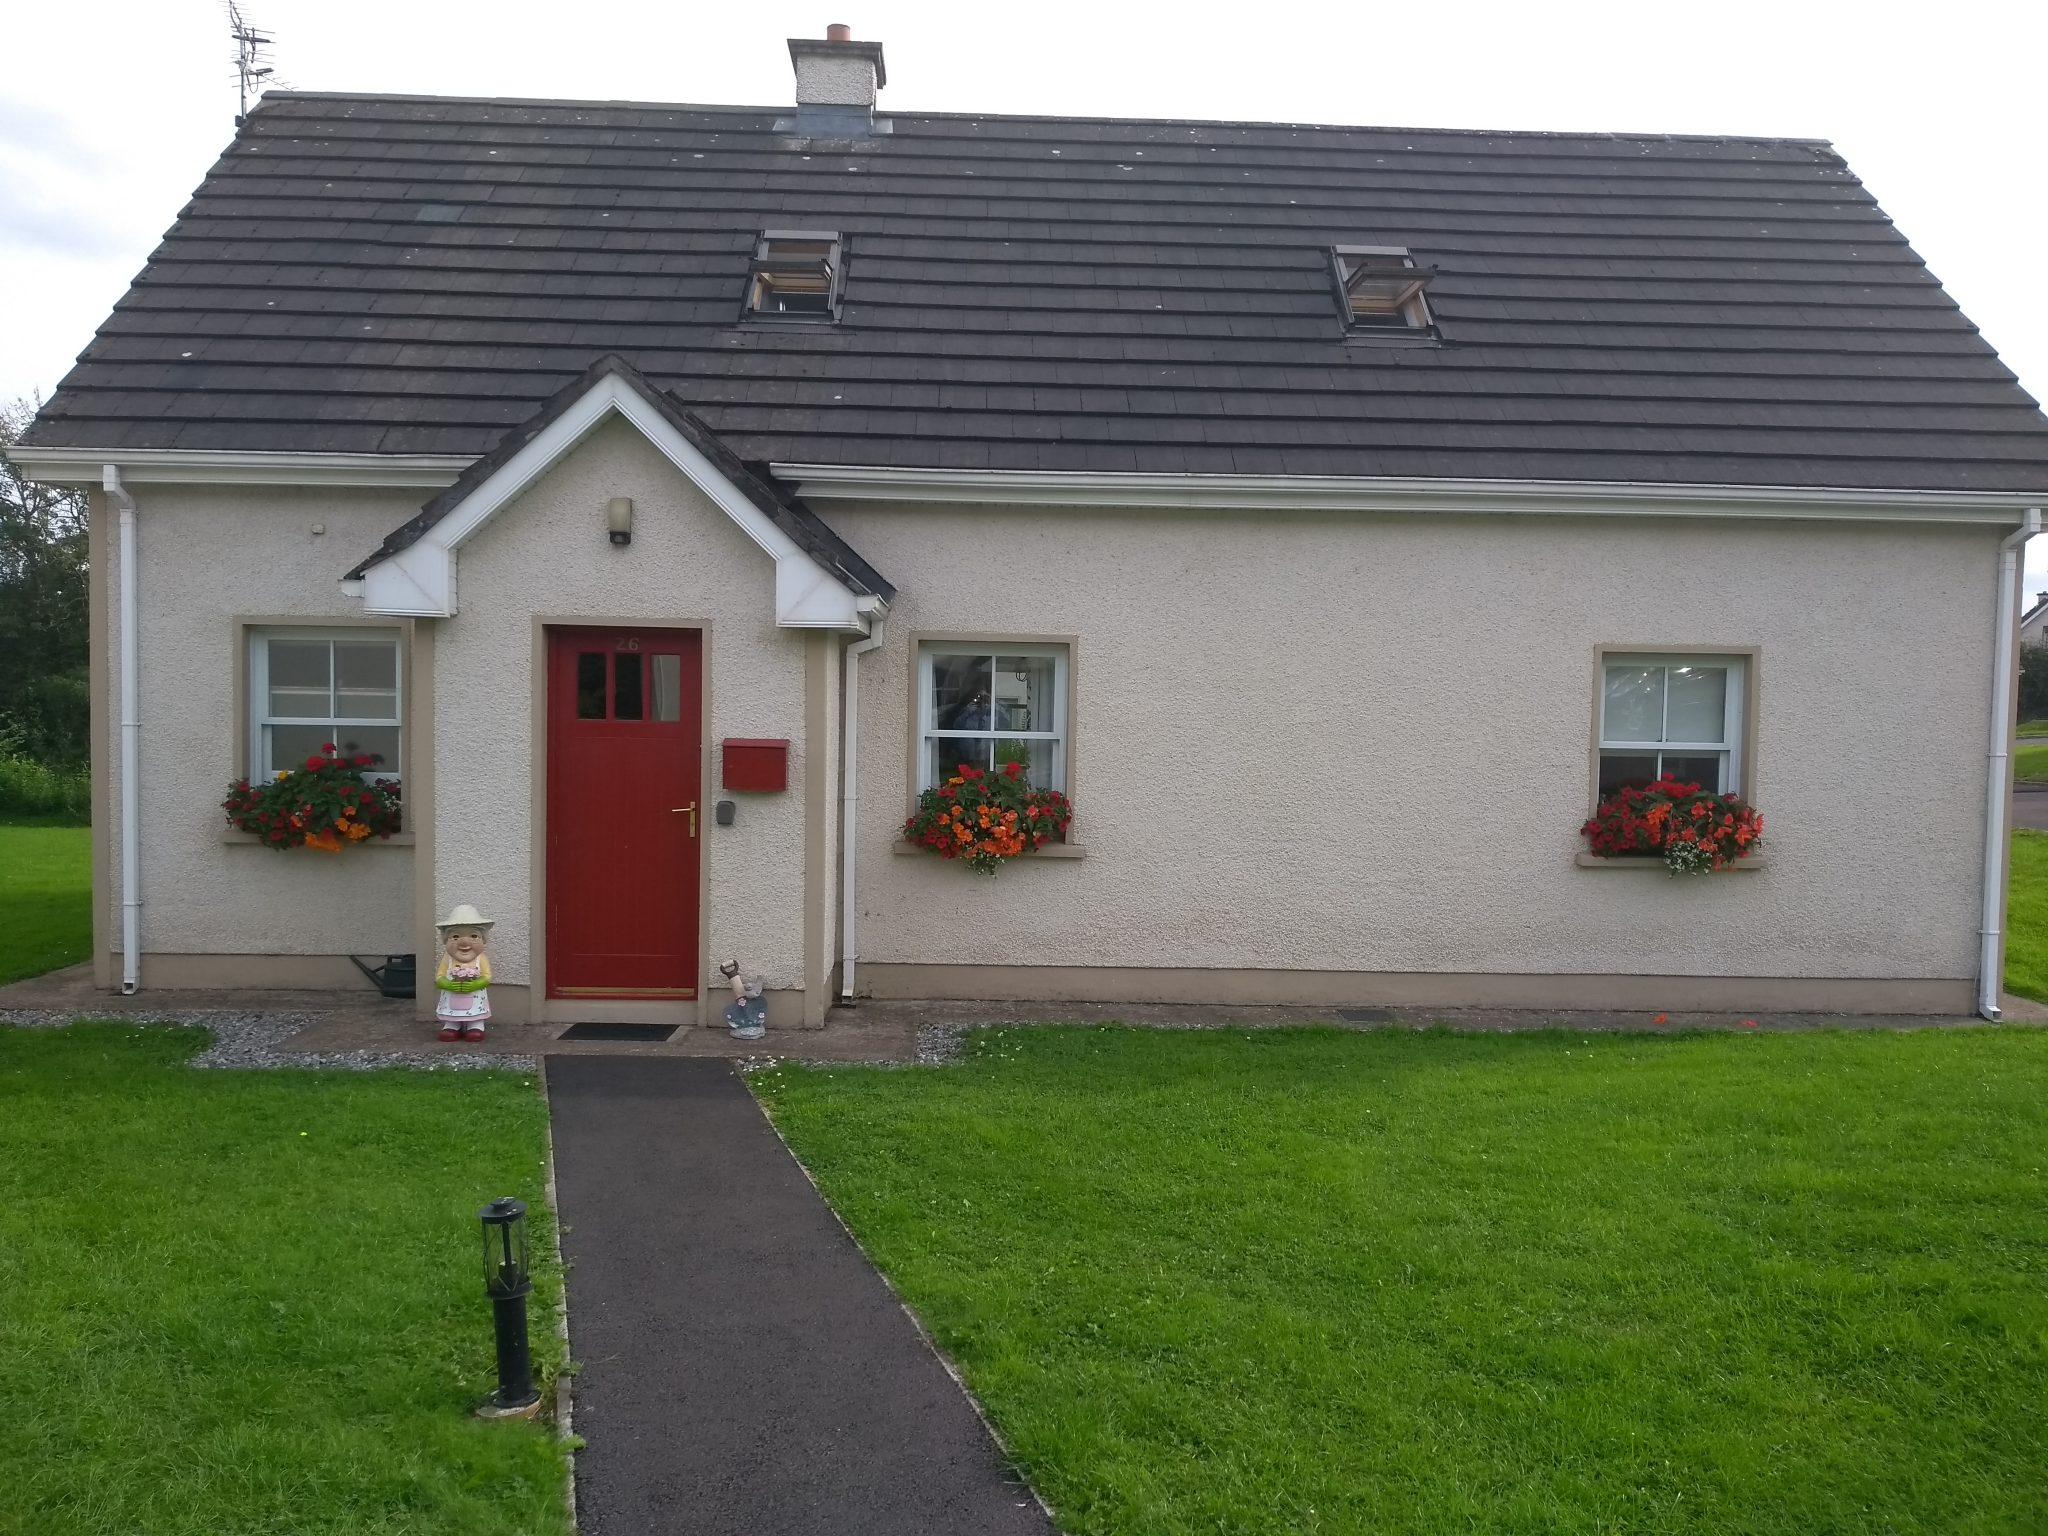 Kate's Cottage 3 Bedroom Detached